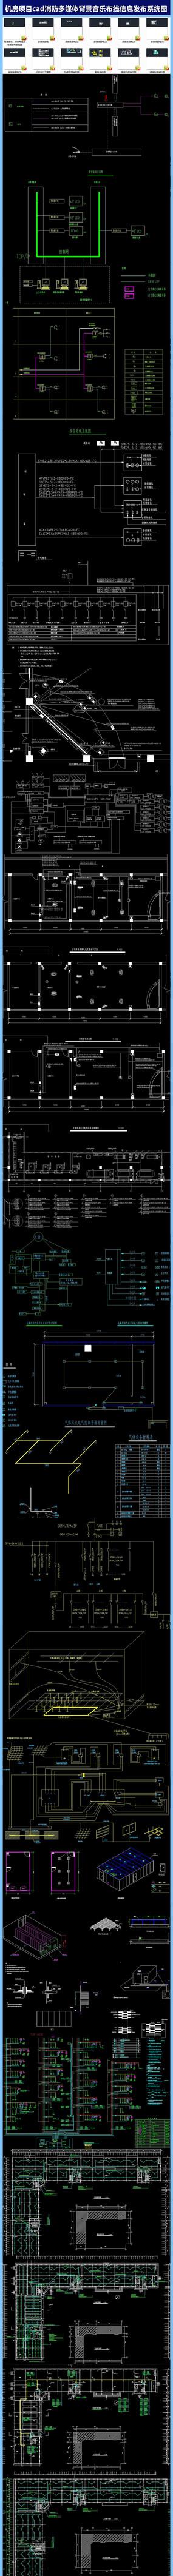 机房cad消防多媒体布线信息发布系统图